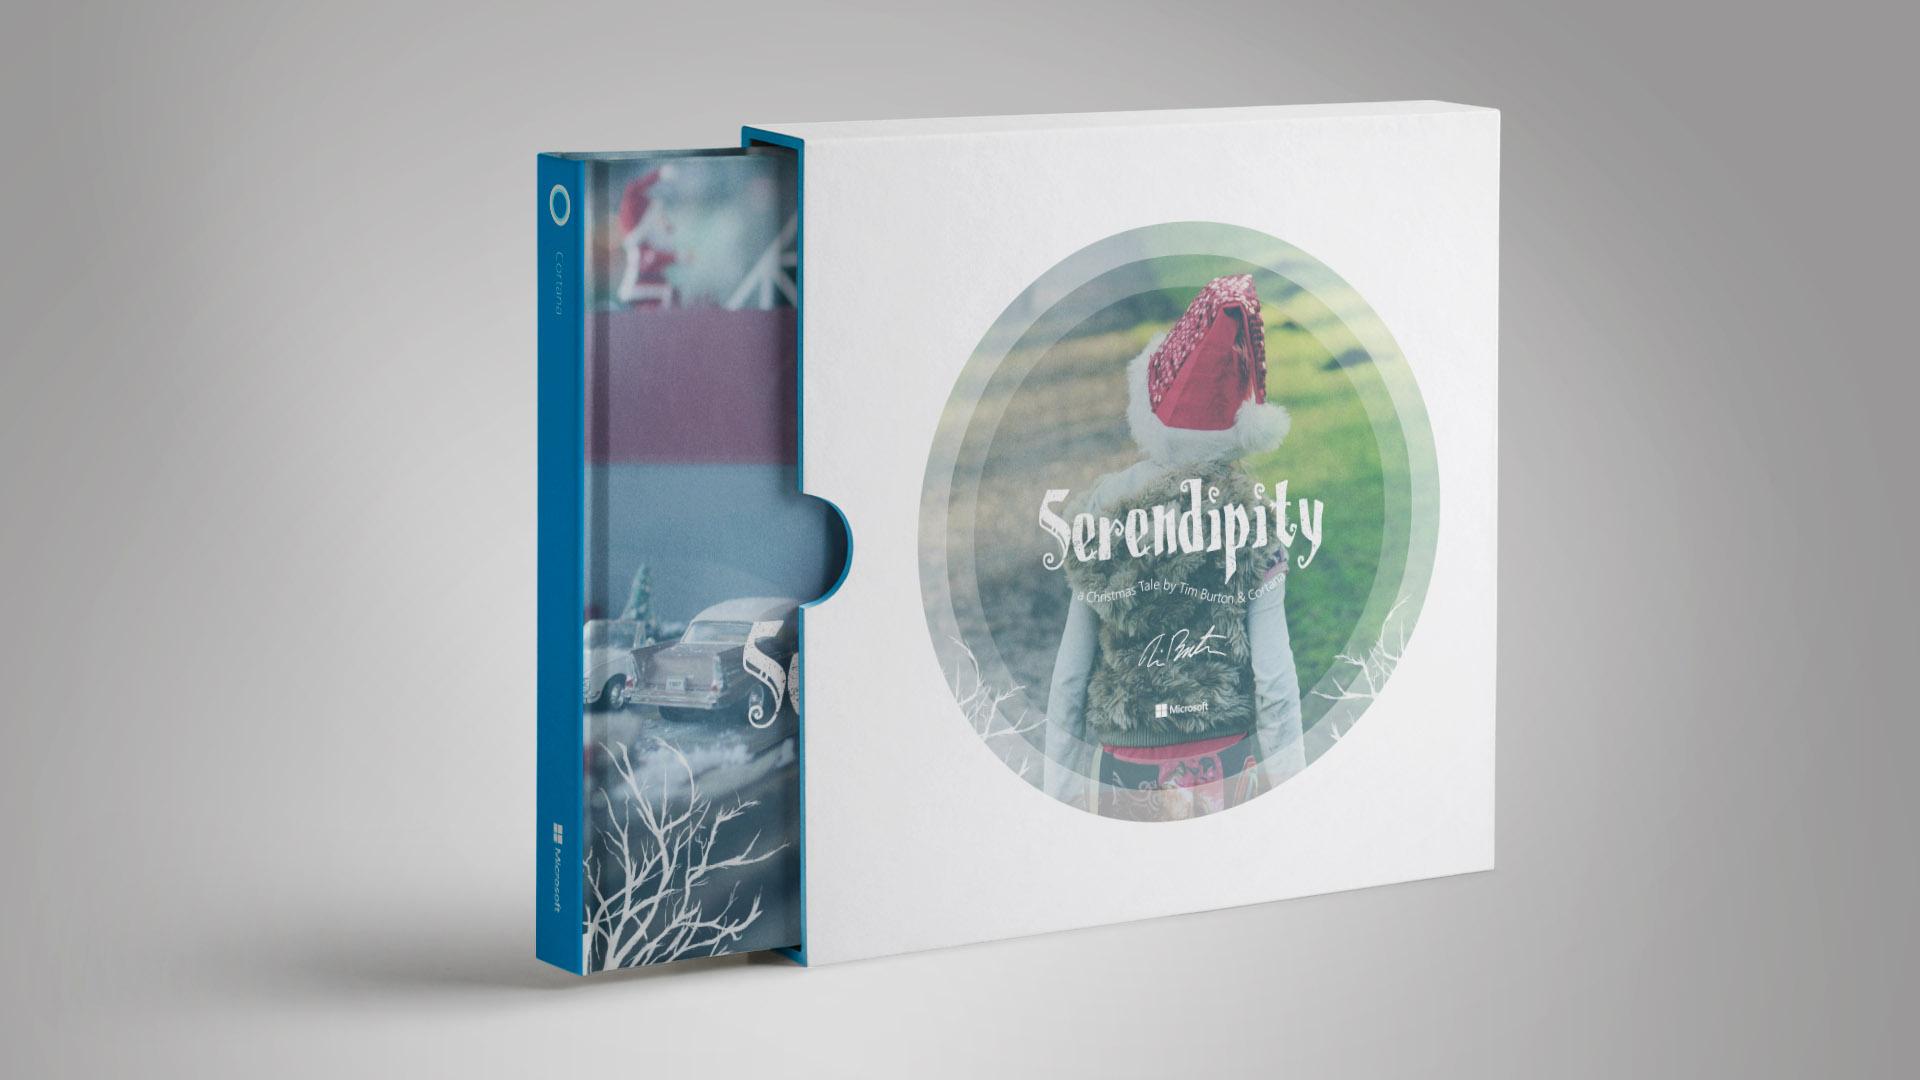 cortana-serendipity-libro-001